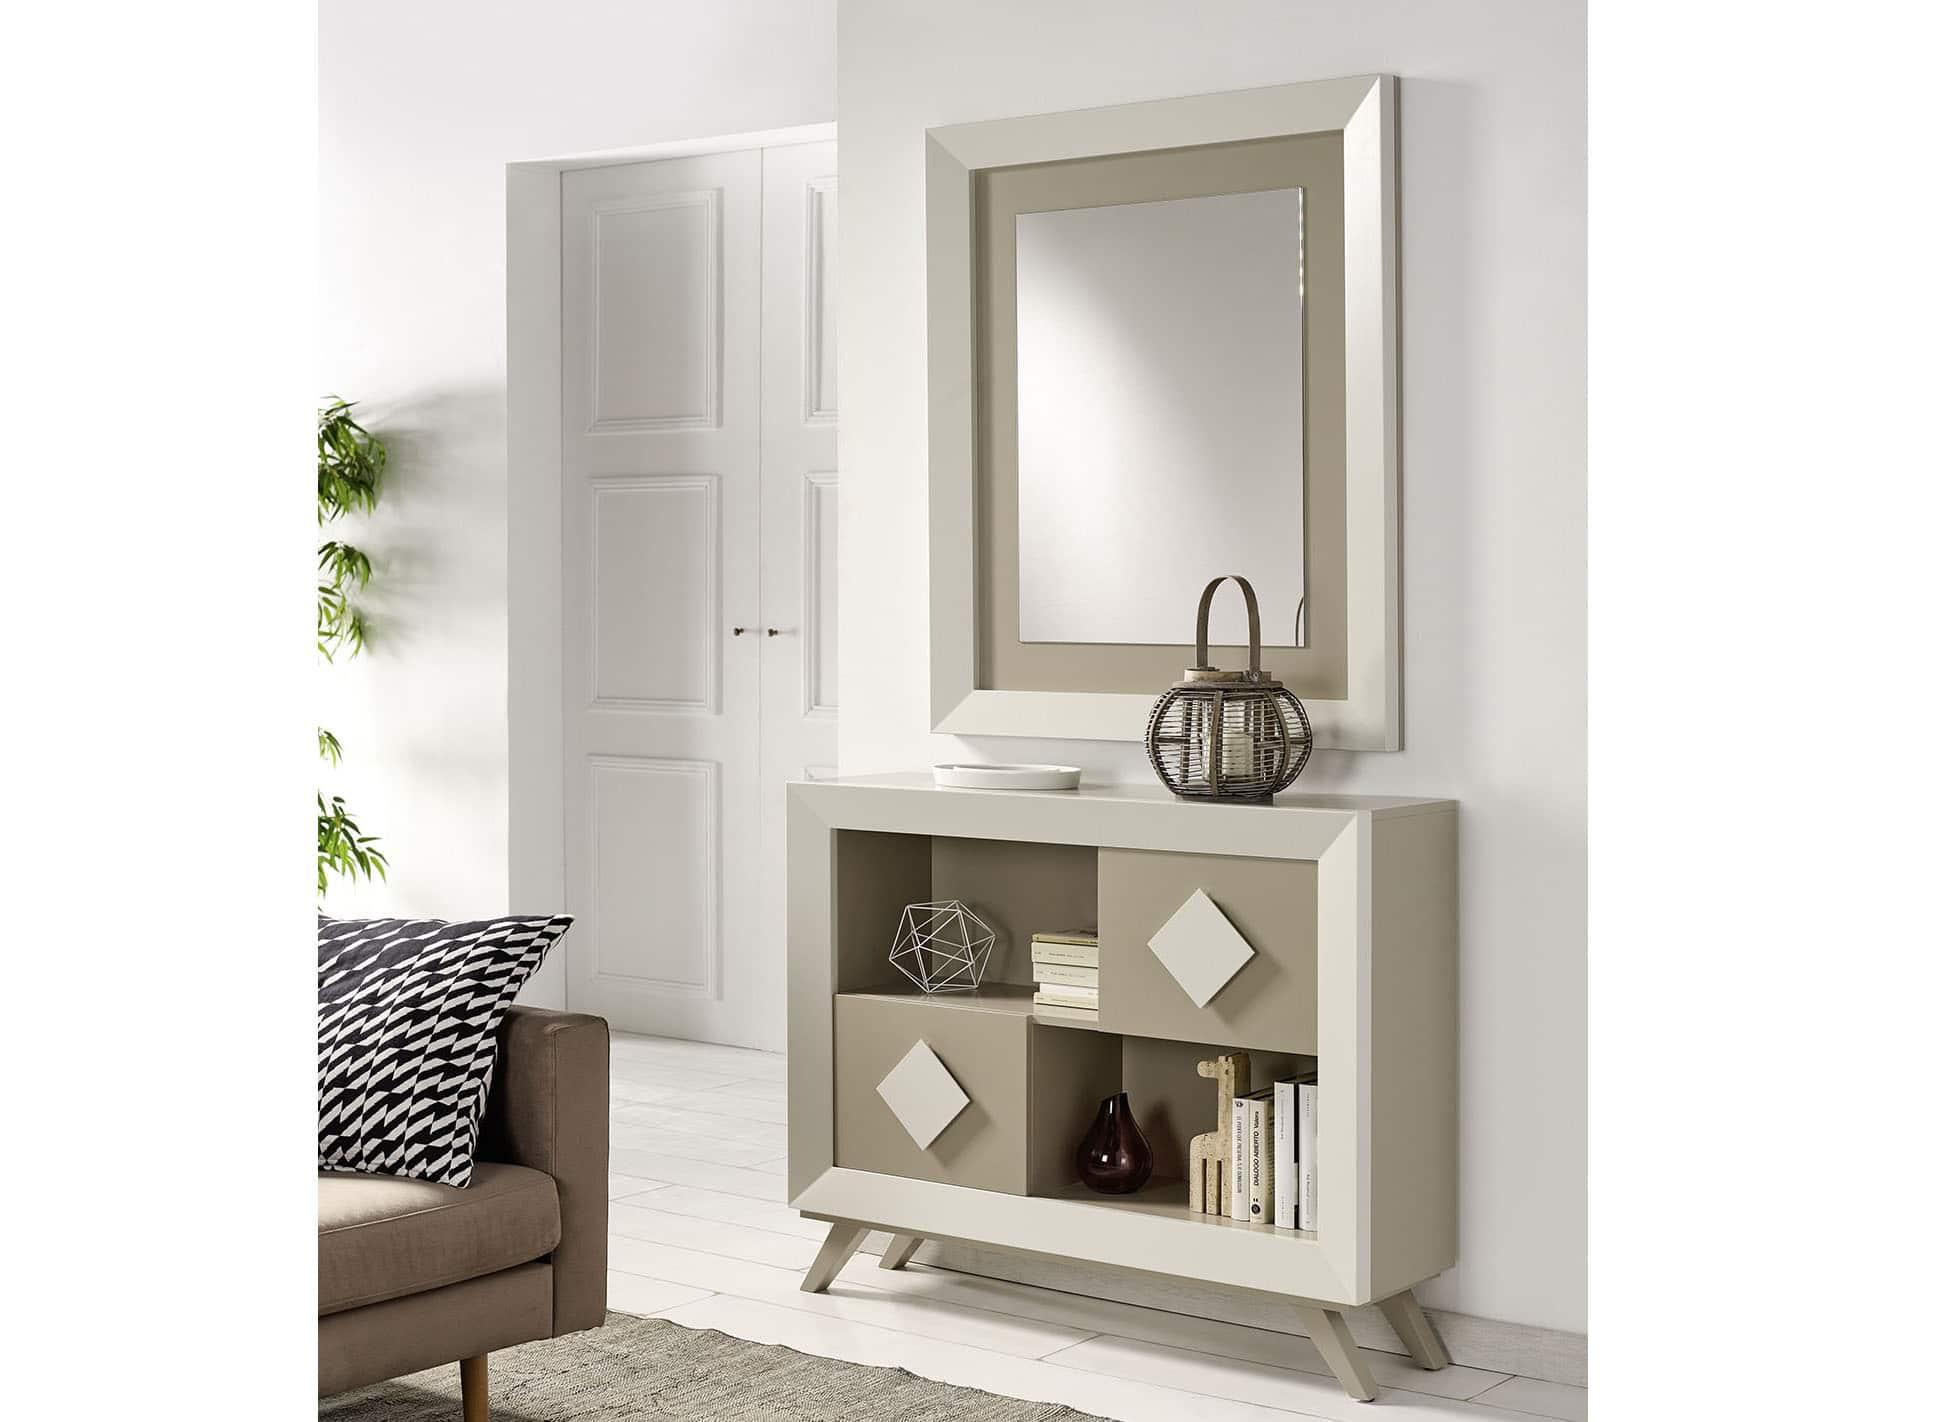 Recibidor cloe 05 bautista muebles y decoraci n - Muebles de entrada pequenos ...